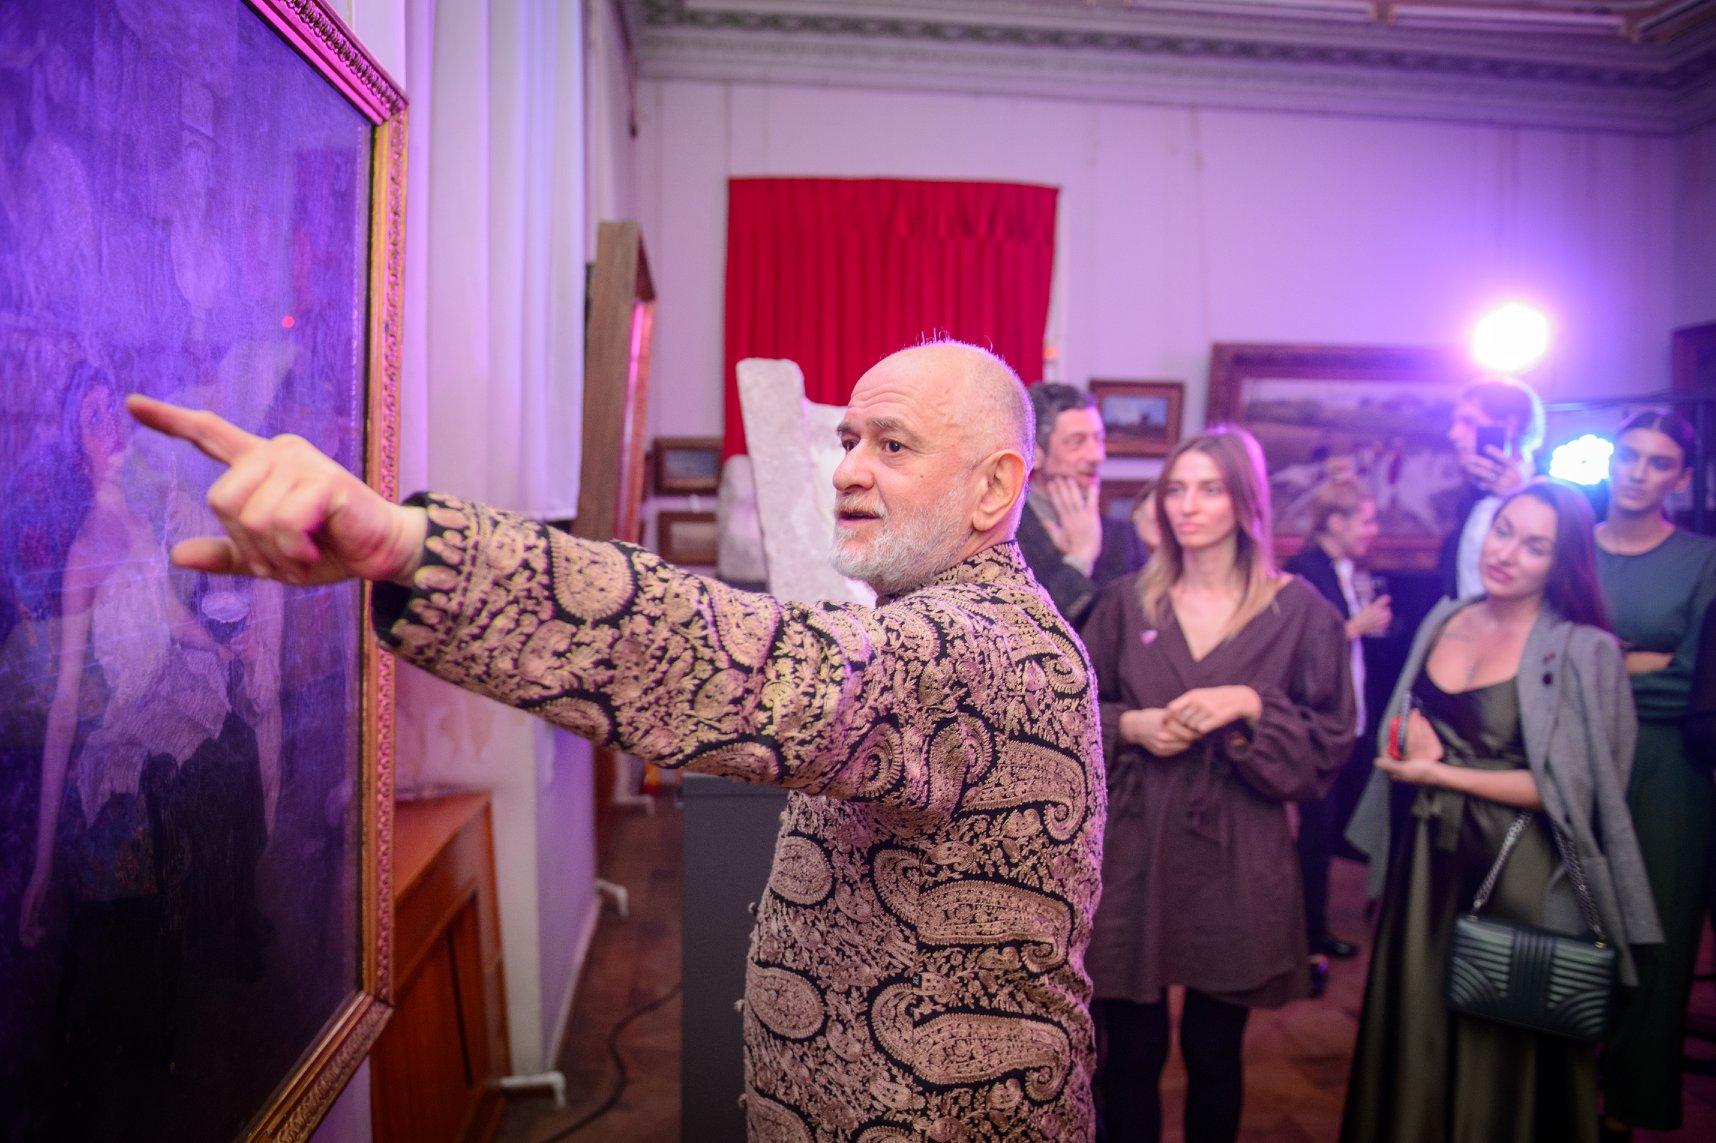 Художник-керівник: Олександр Ройтбурд про дикуватий ринок мистецтва й Одесу як стартап